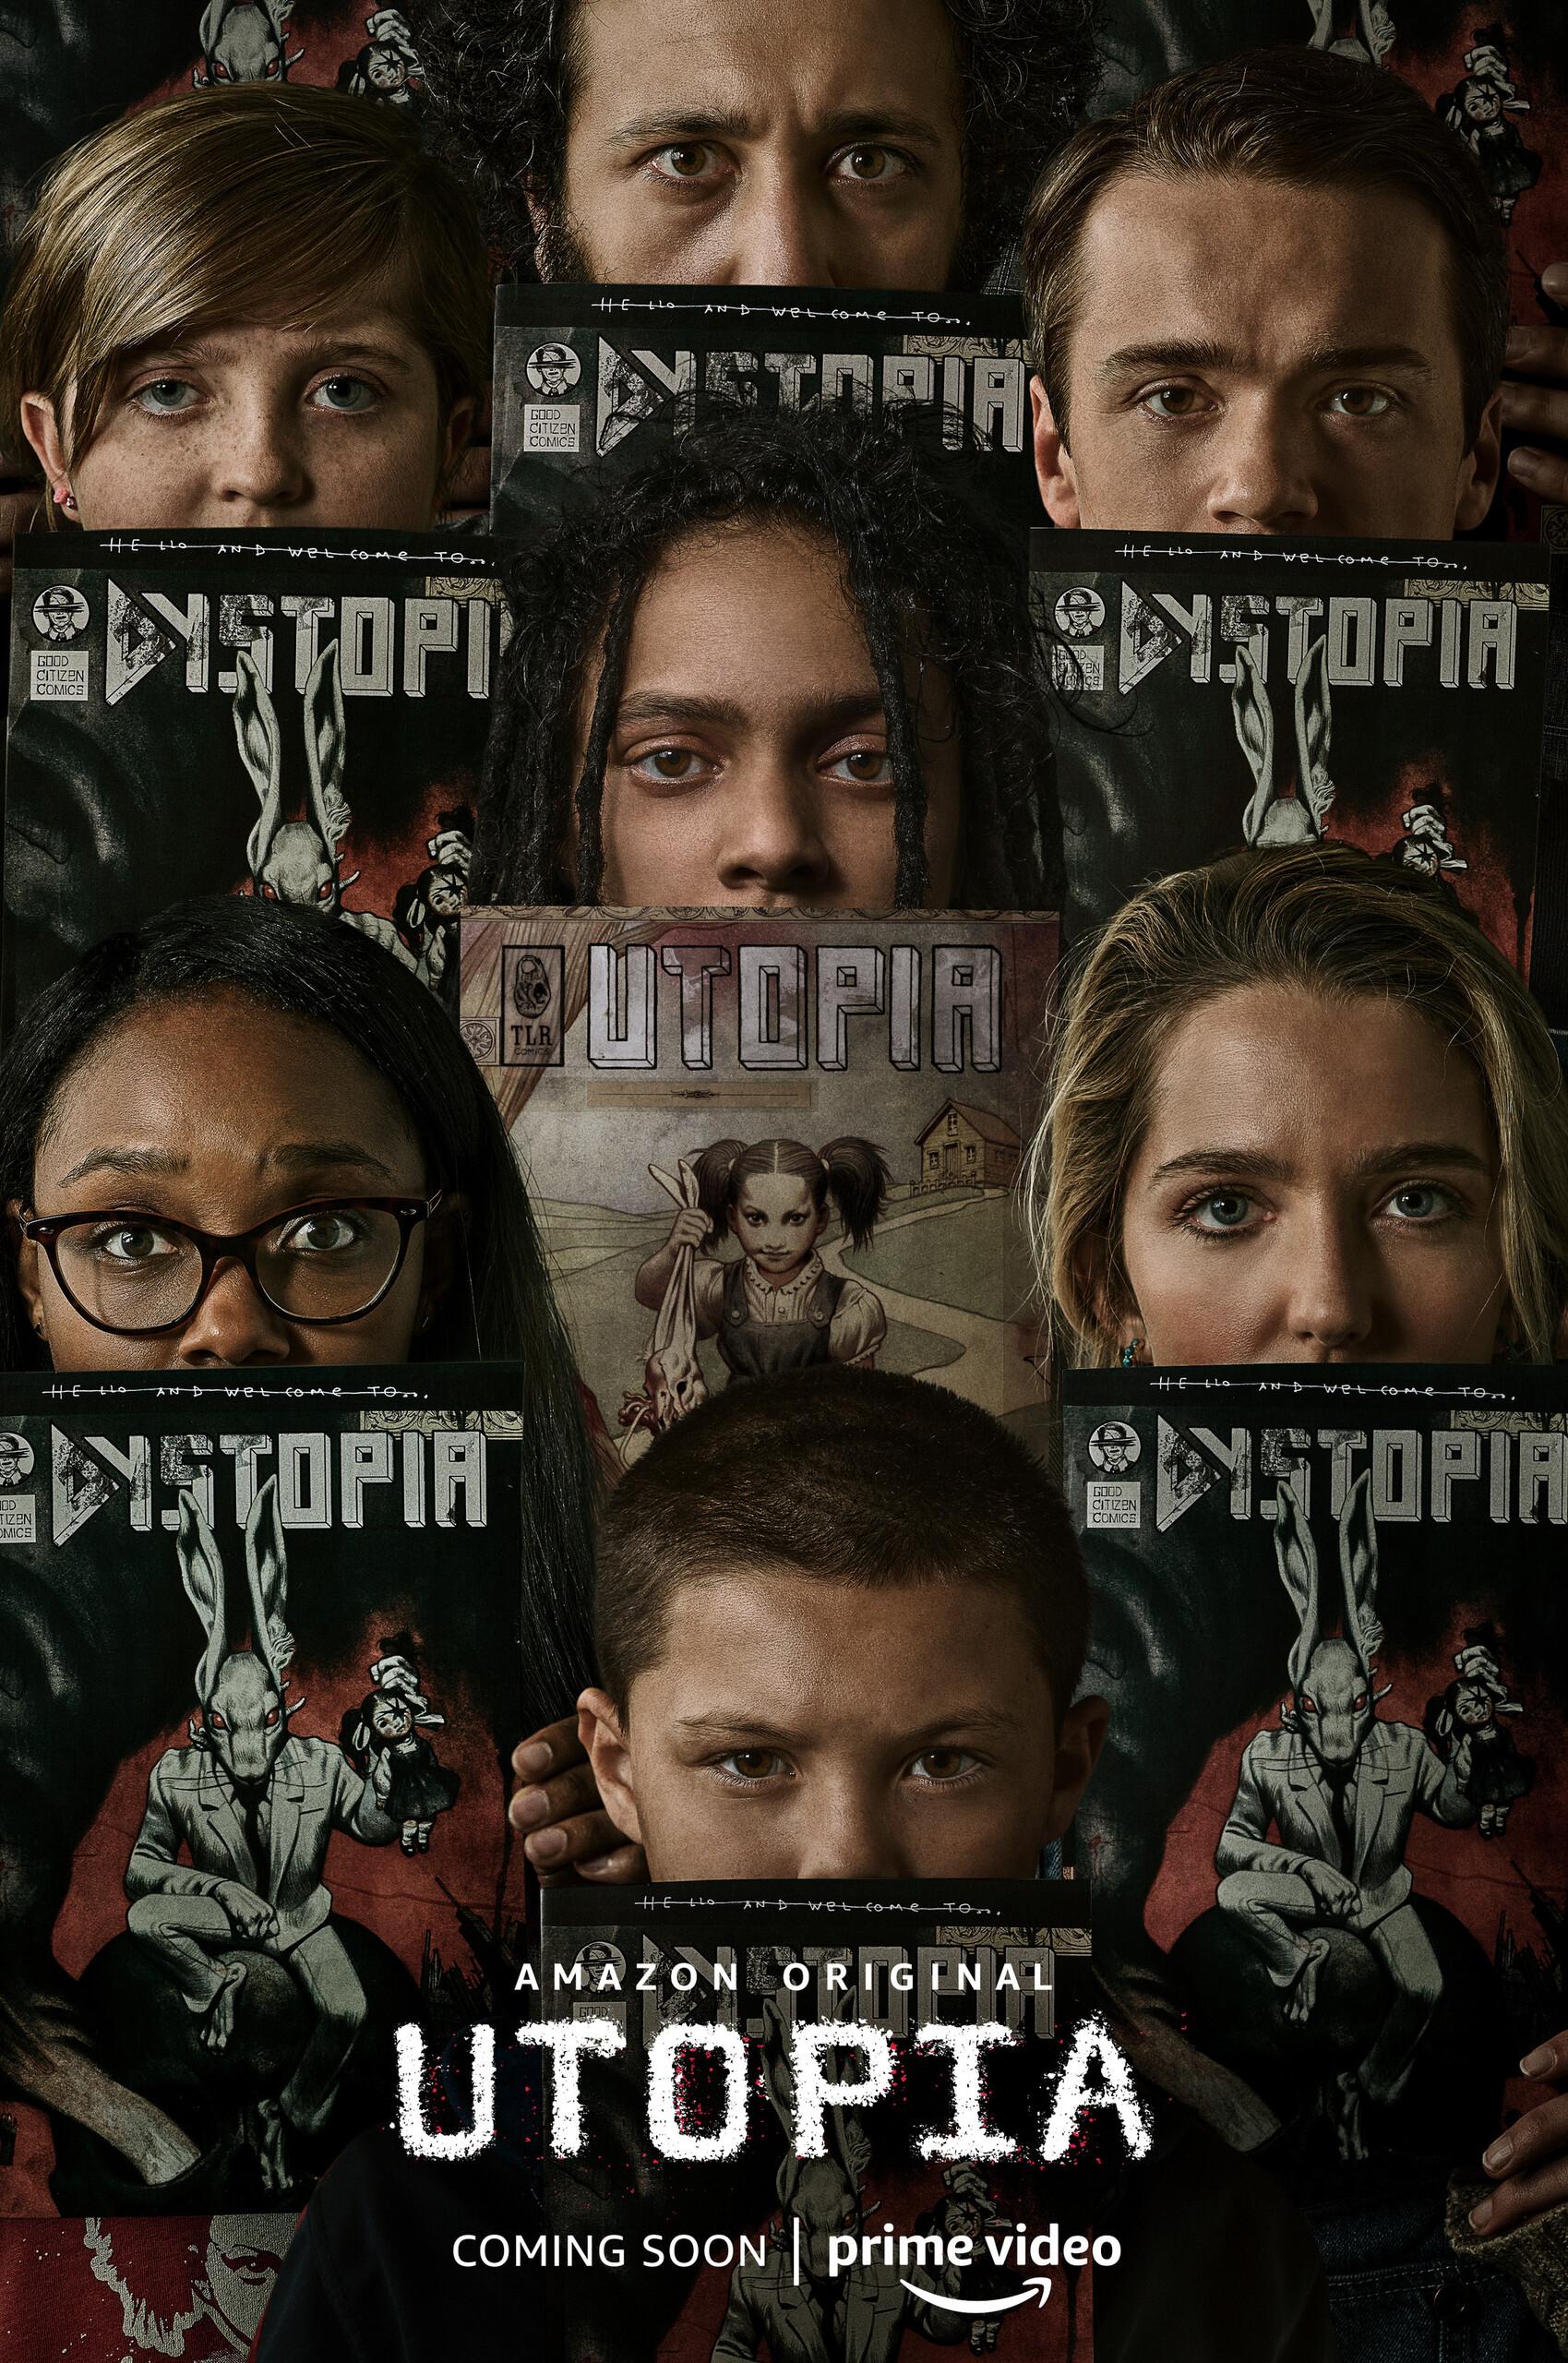 001259-utopia2019_1.jpg